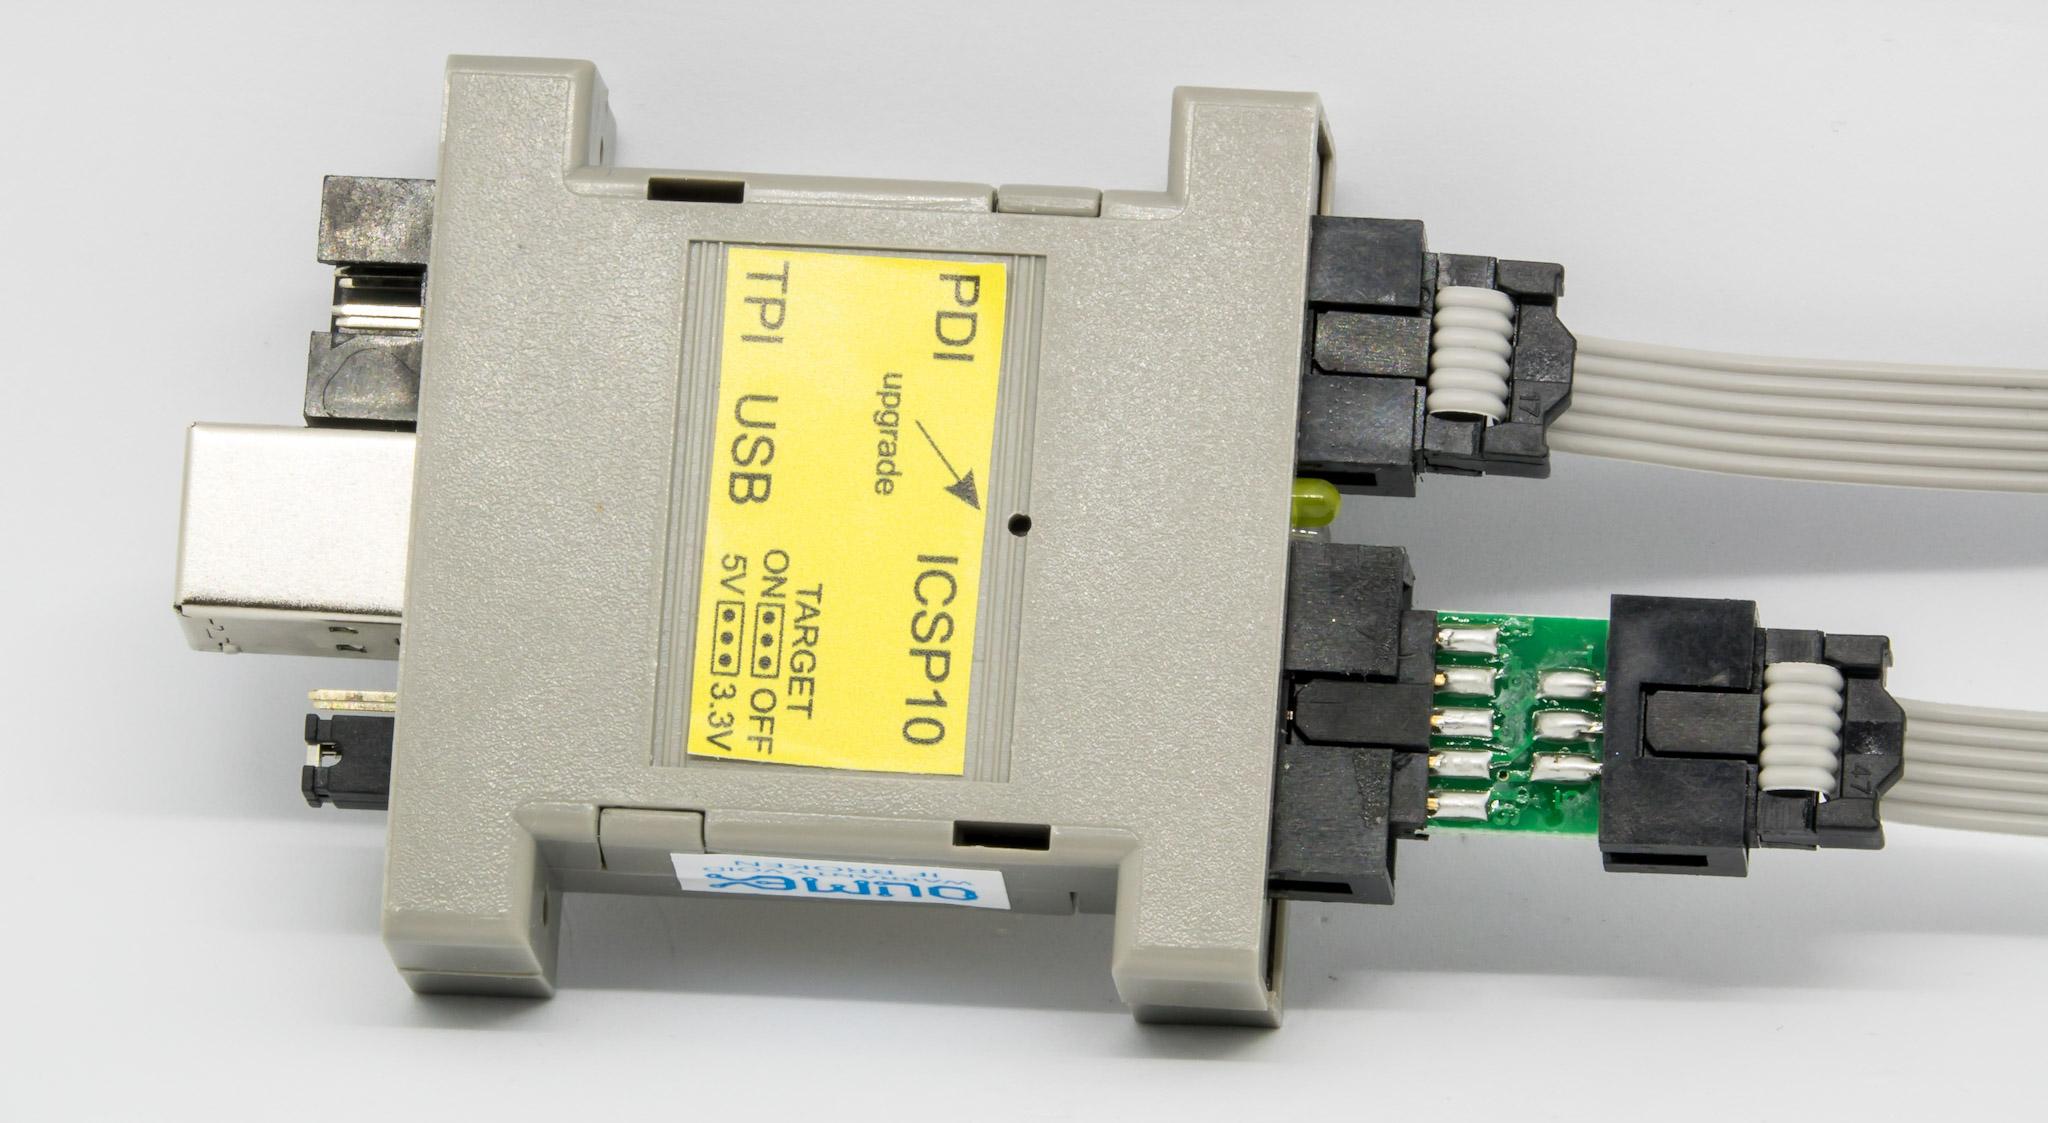 Olimex AVR-ISP-mk2 programer